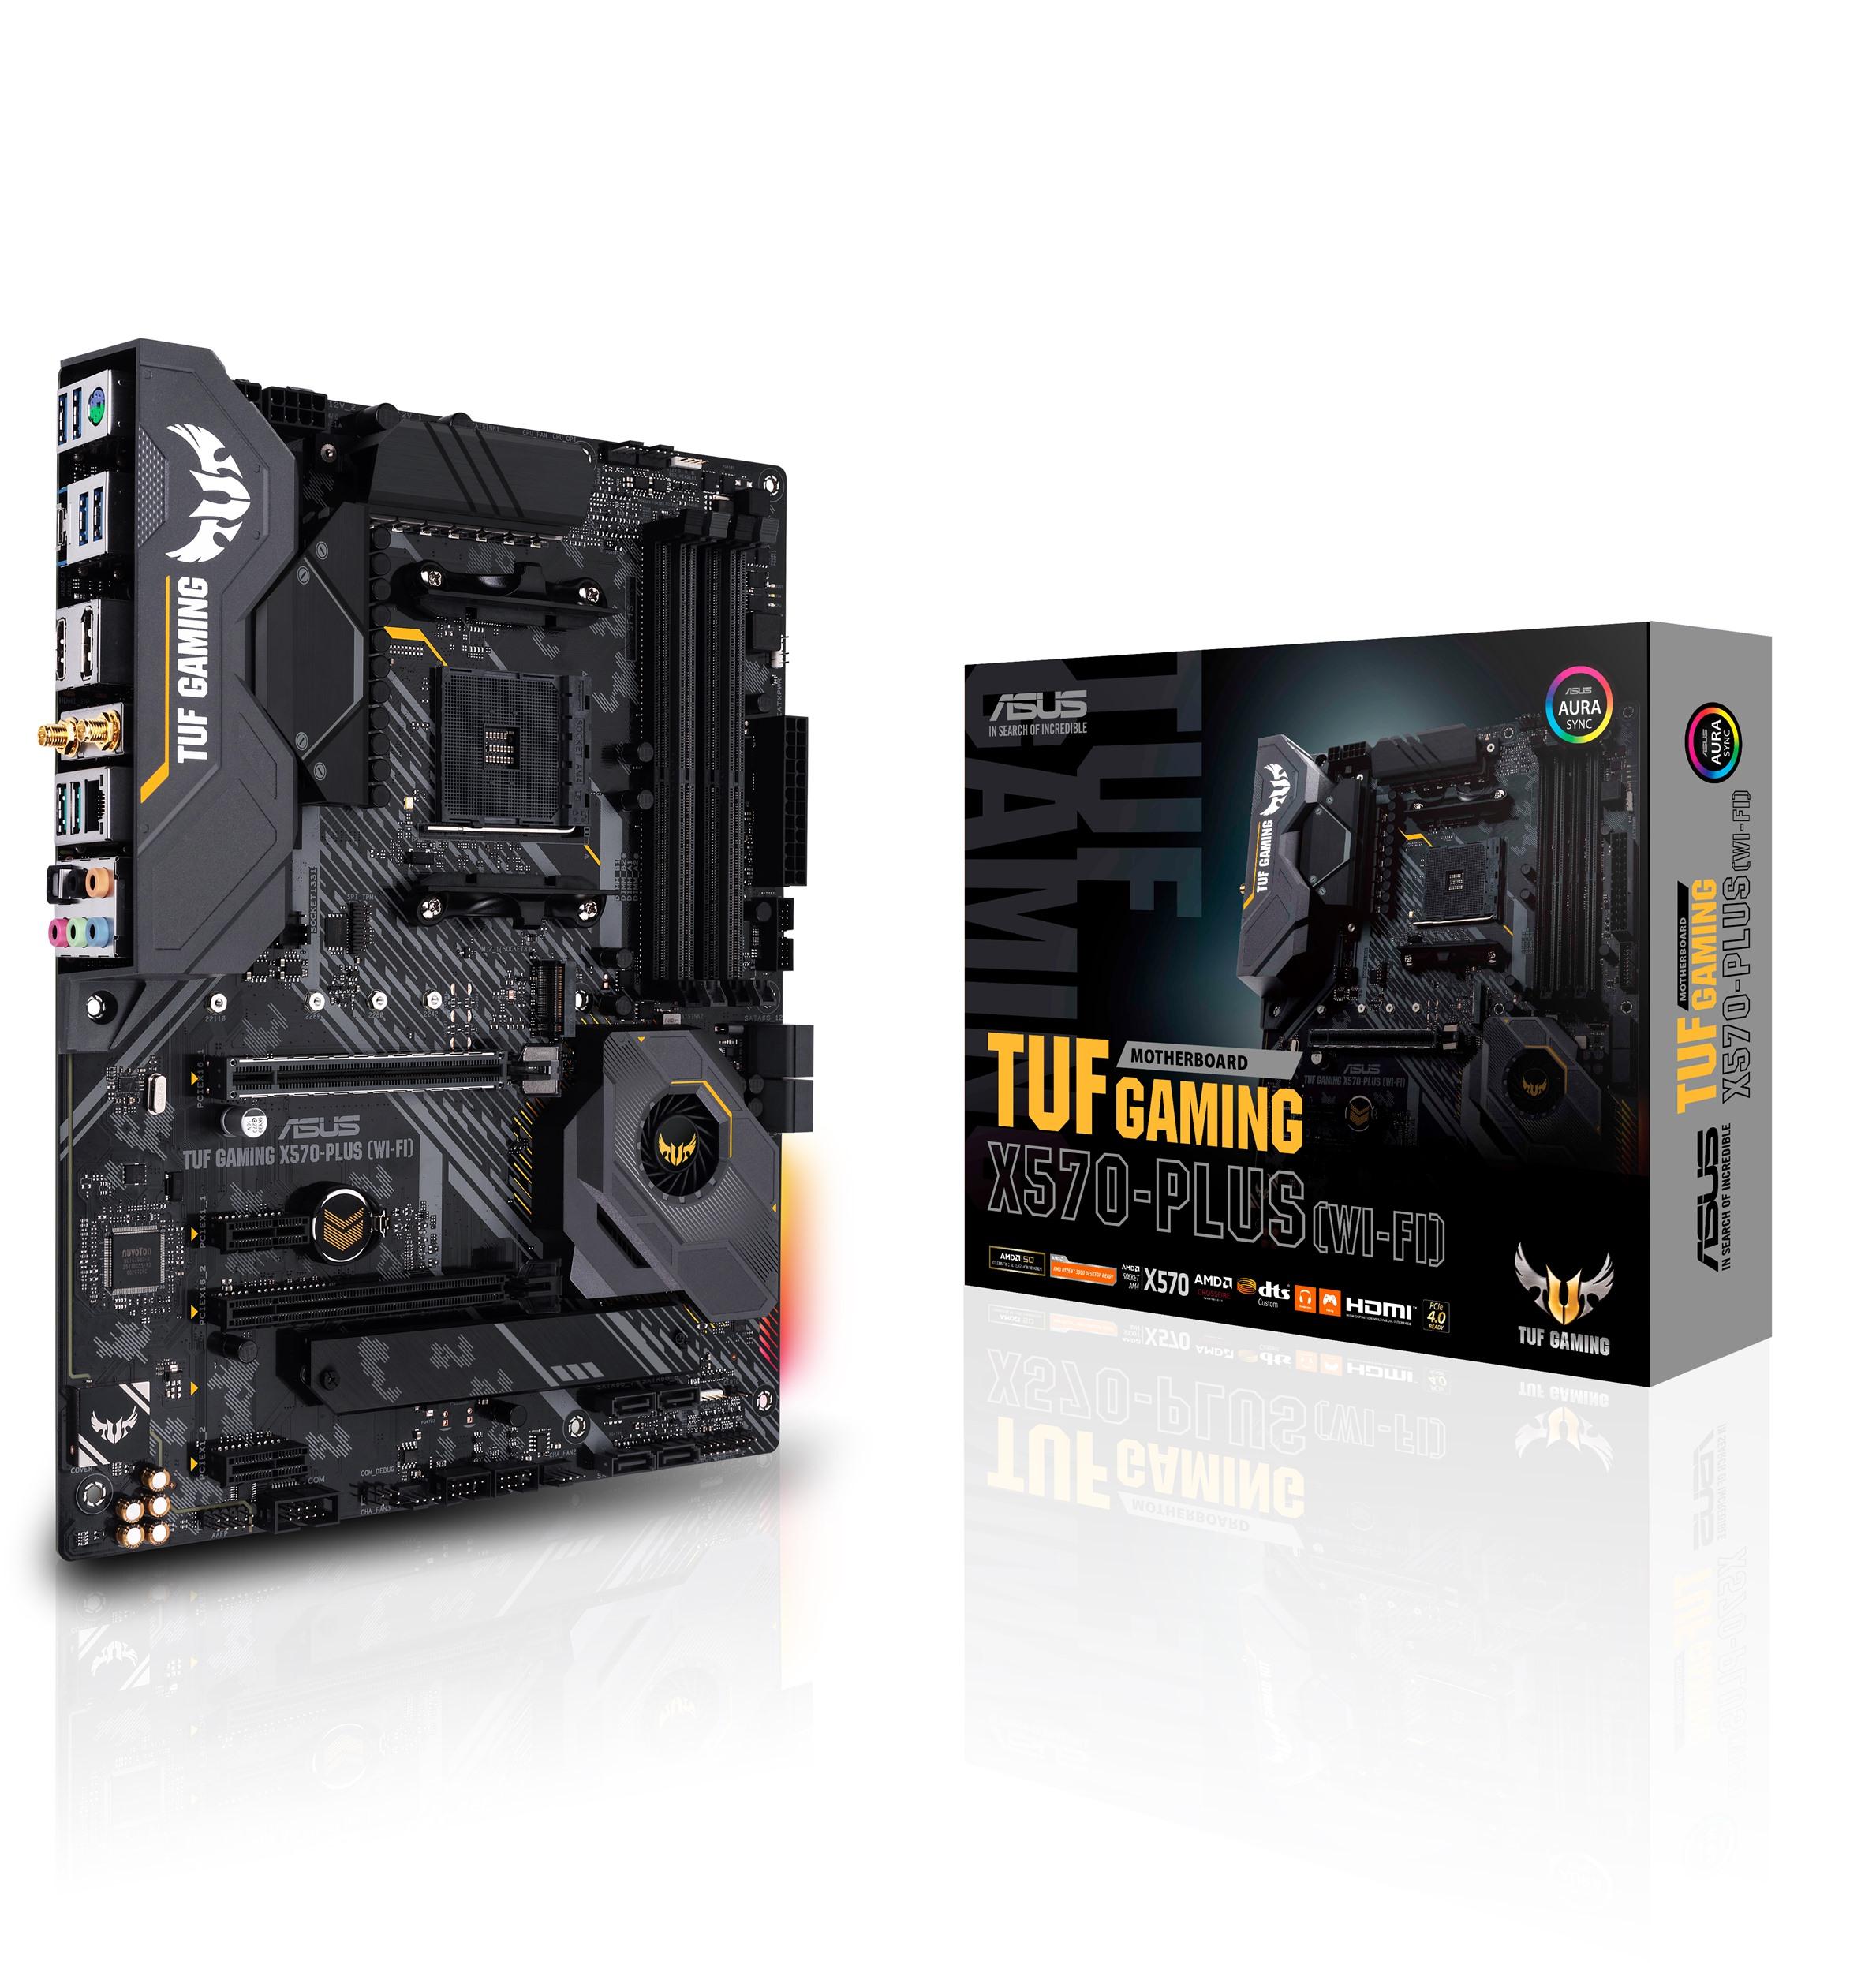 TUF Gaming X570-PLUS (Wi-Fi)採用軍規風格元件,外觀設計強悍,以高穩定度與可靠性成為入門電競玩家首選